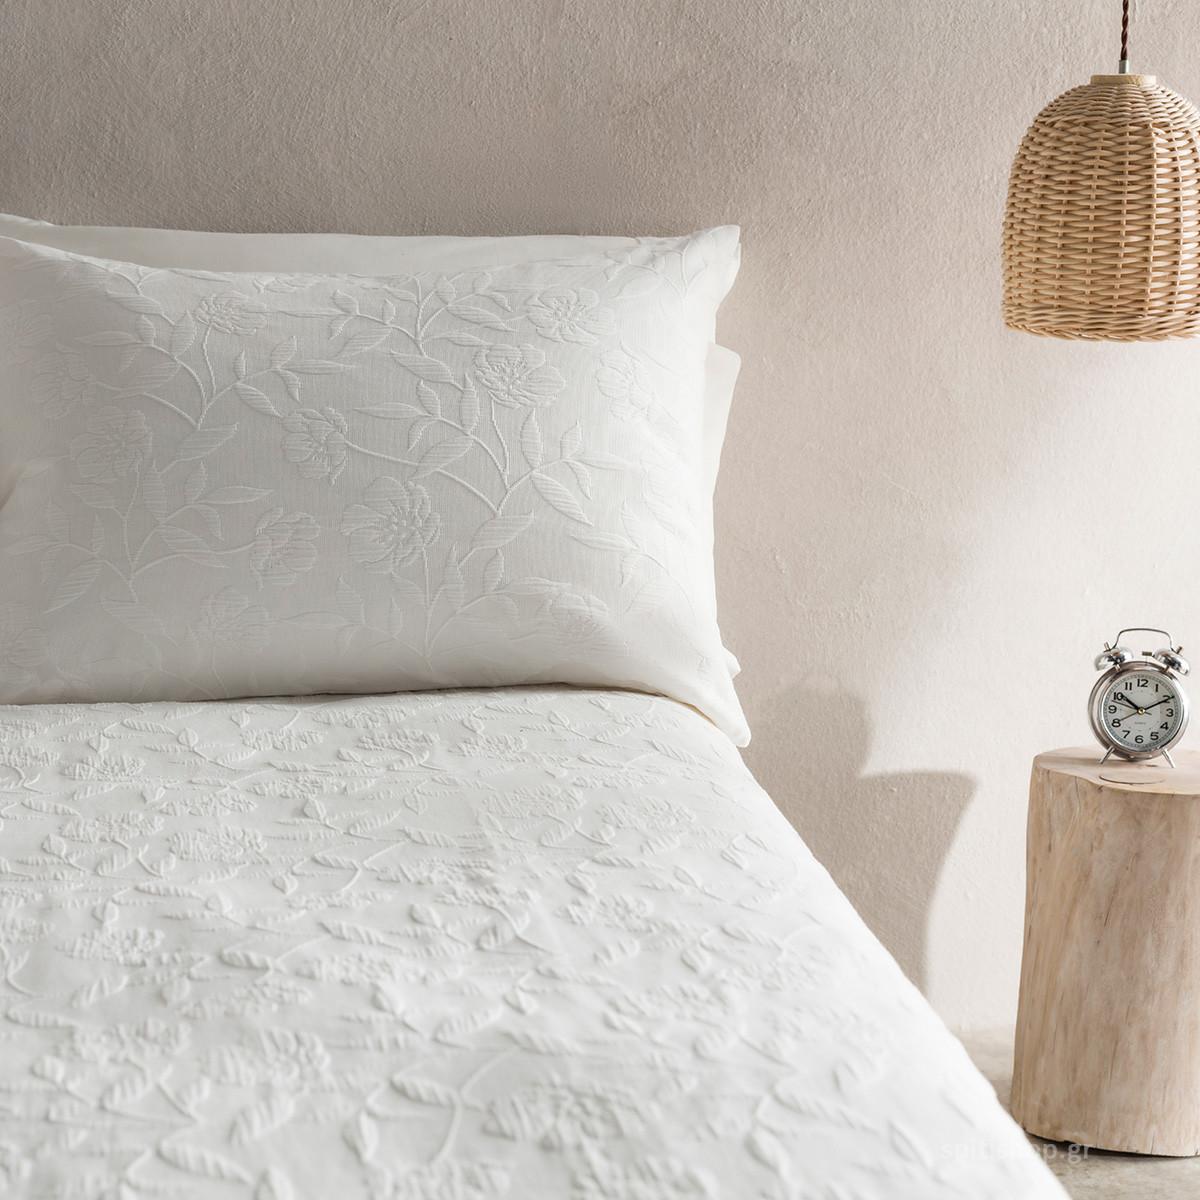 Μαξιλαροθήκη Ύπνου Gofis Home Laurele Off White 978/16